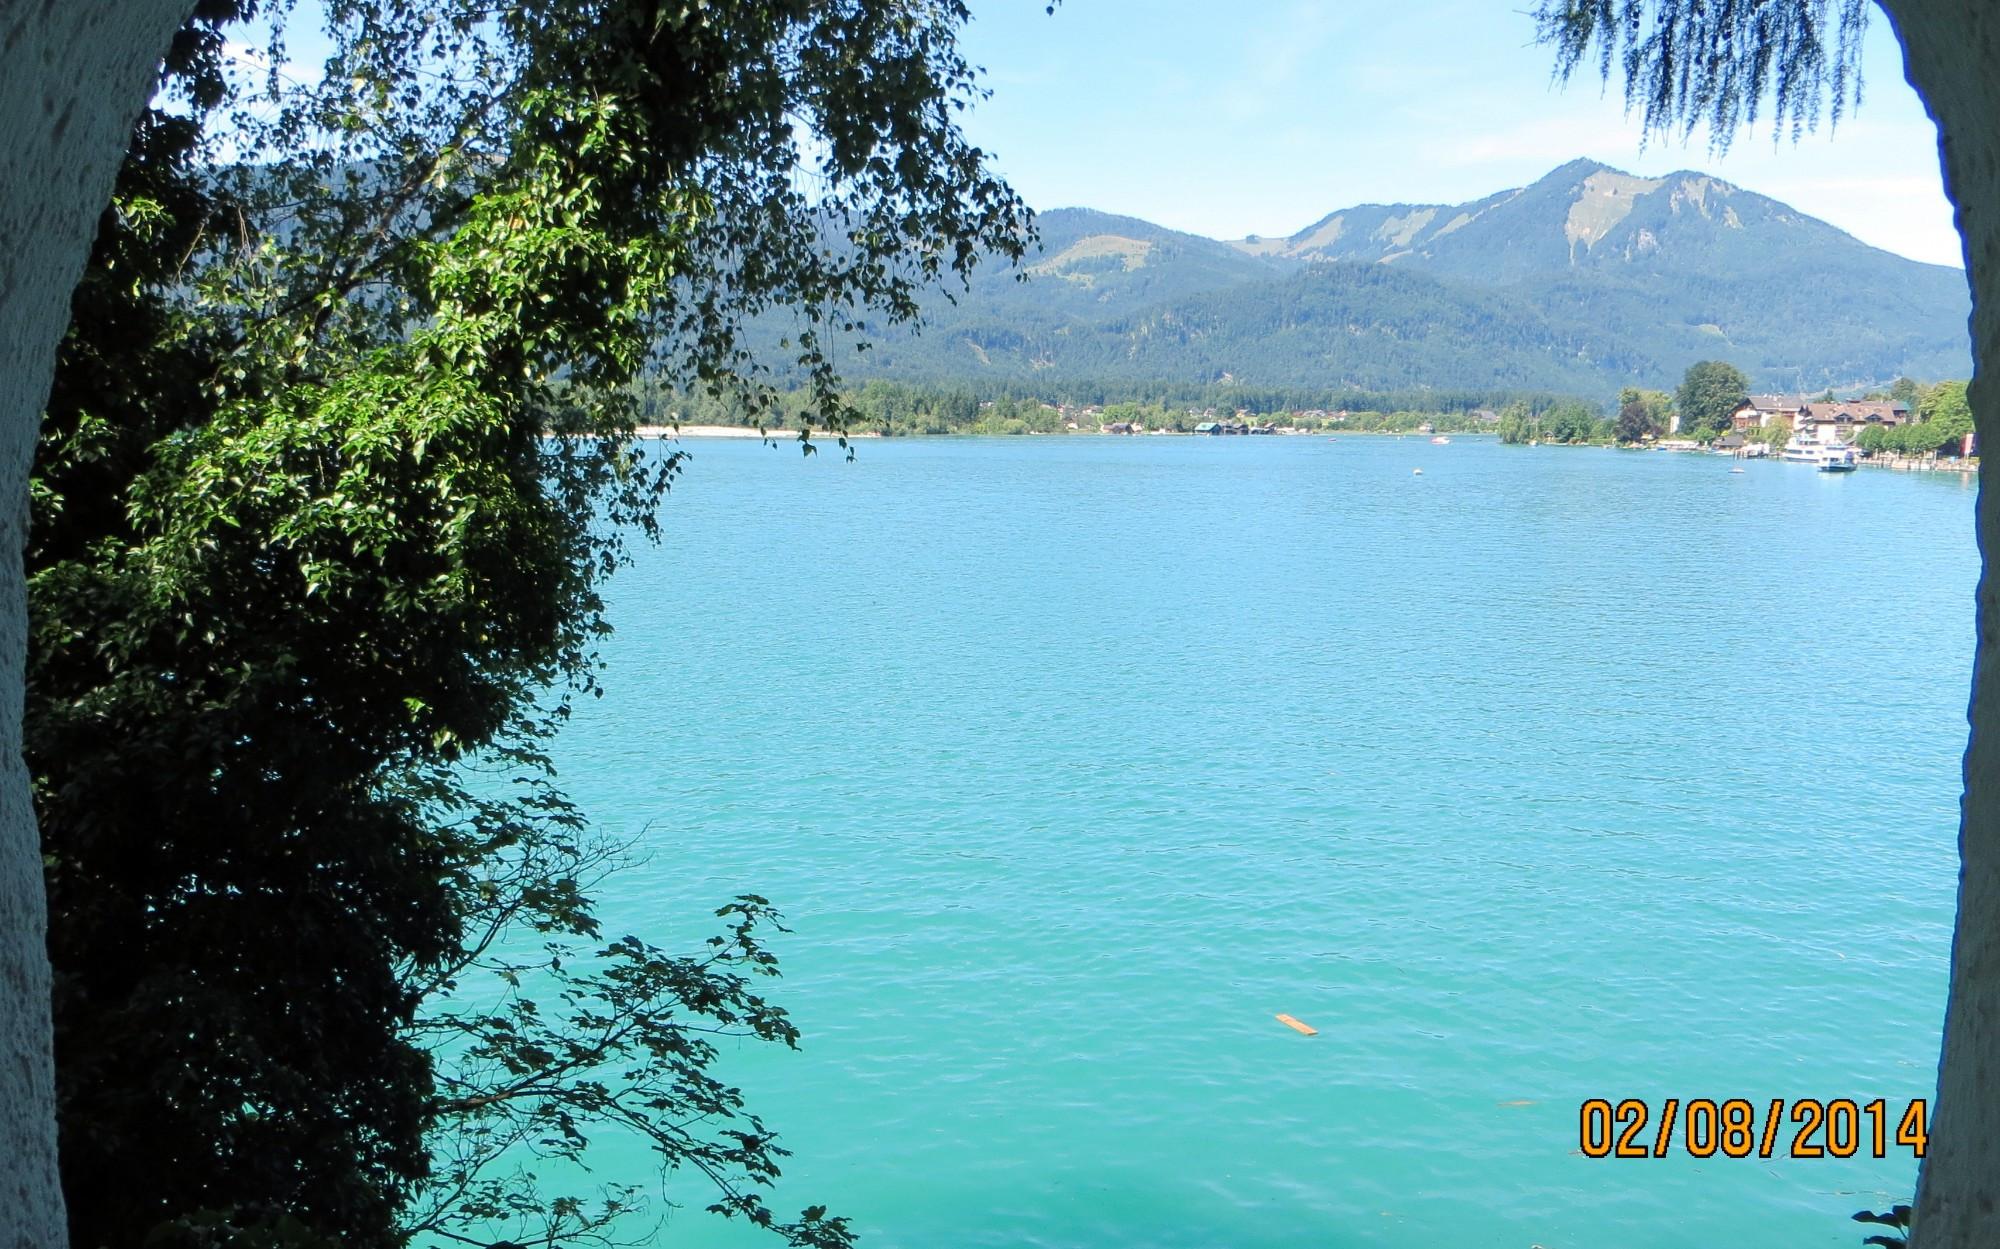 В Санкт-Вольфганге набережная с живописным видом на горы и озеро Вольфгангзее глубиной 114 м.